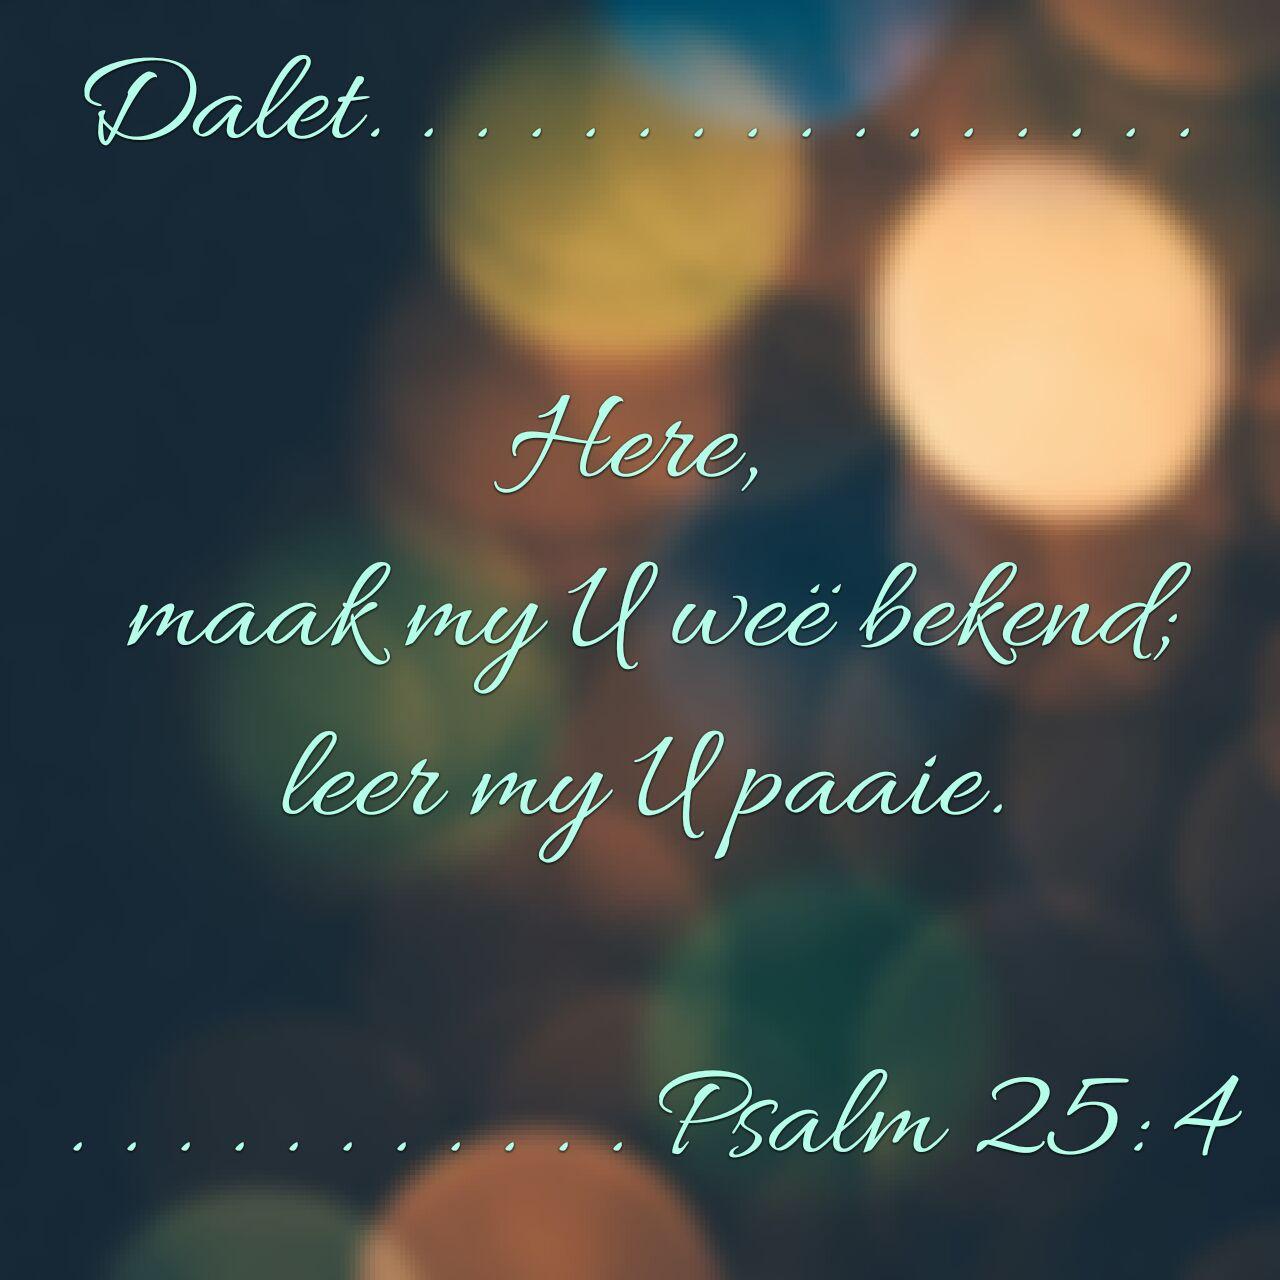 Here, maak my U weë bekend, leer my U paaie. Psalm 25:4 #afrikaans #bybelvers #psalm25